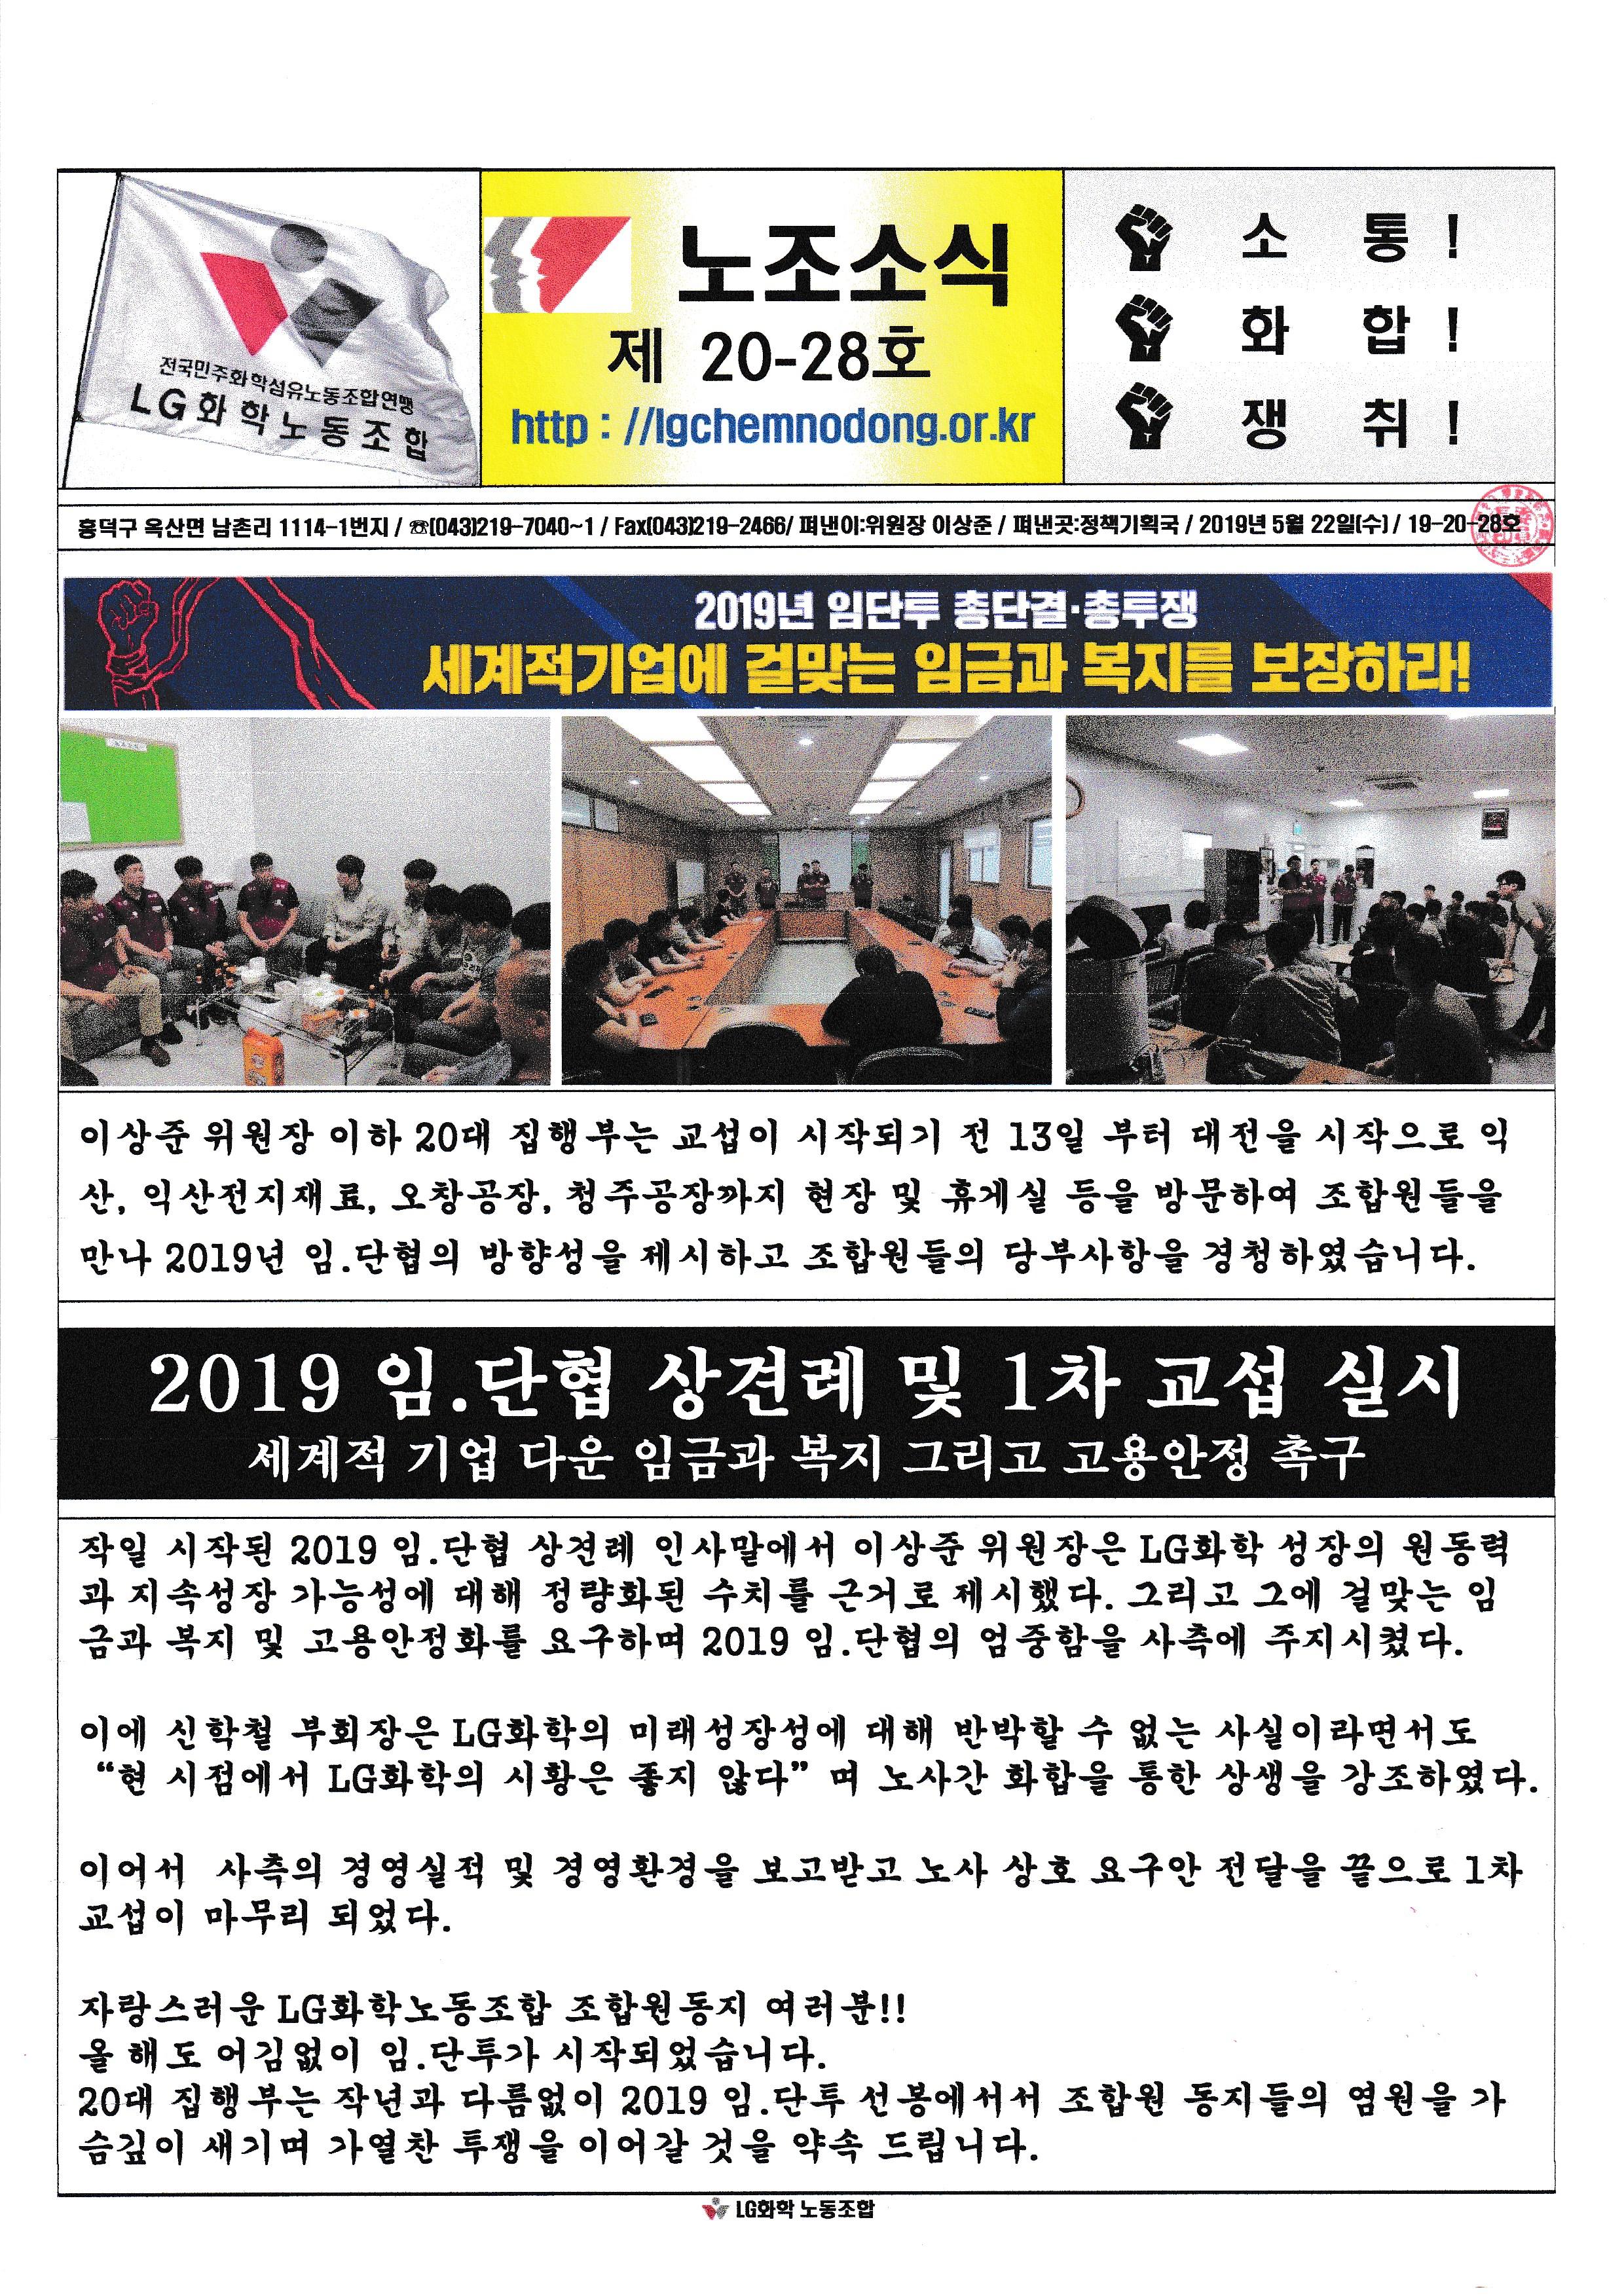 노조소식지 20-28호(19.05.22)